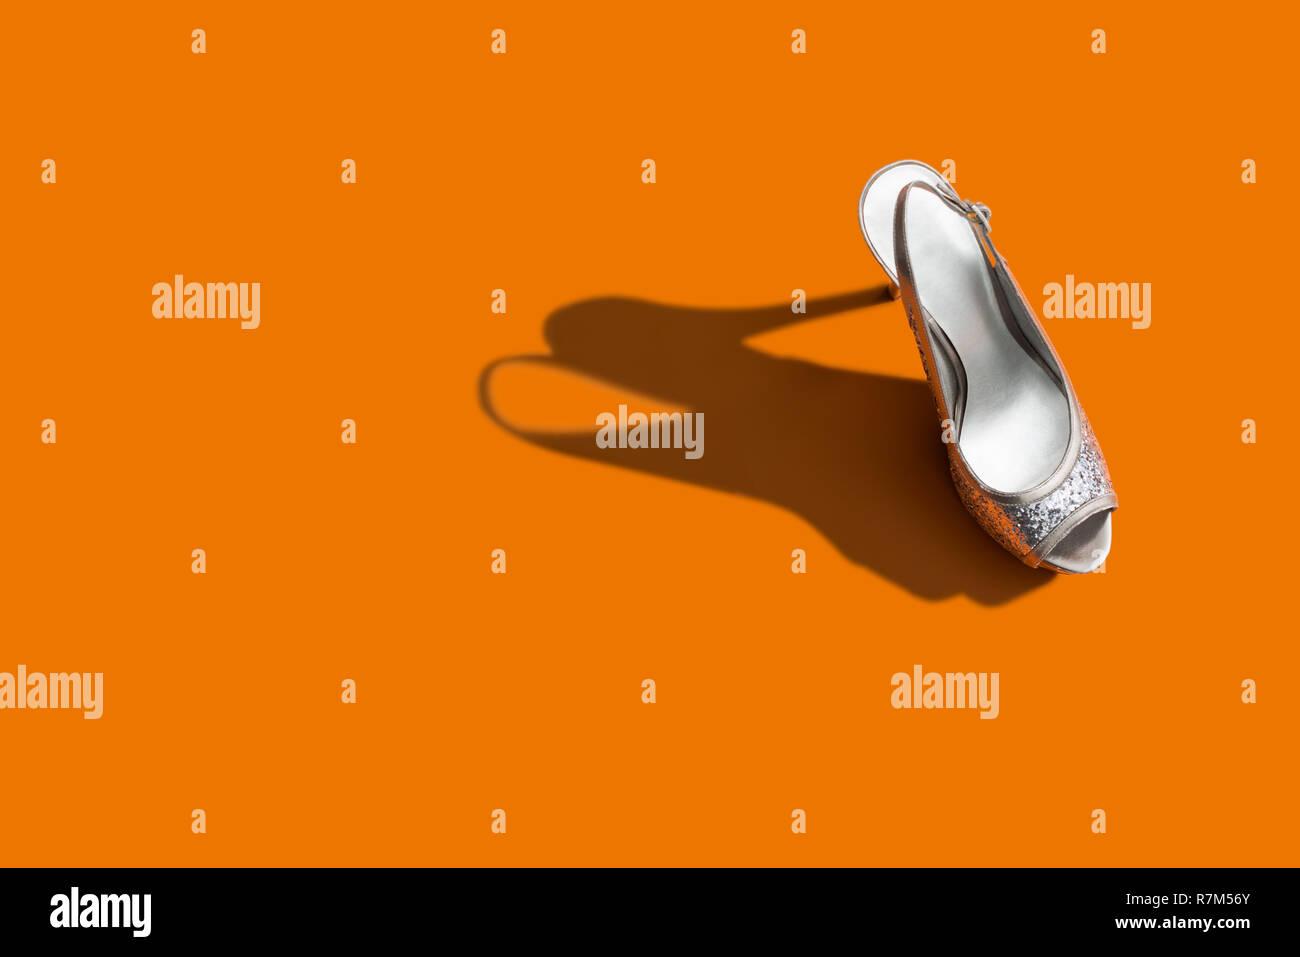 Stiletto Shoe Imágenes De Stock   Stiletto Shoe Fotos De Stock - Alamy 5e320b9d5681